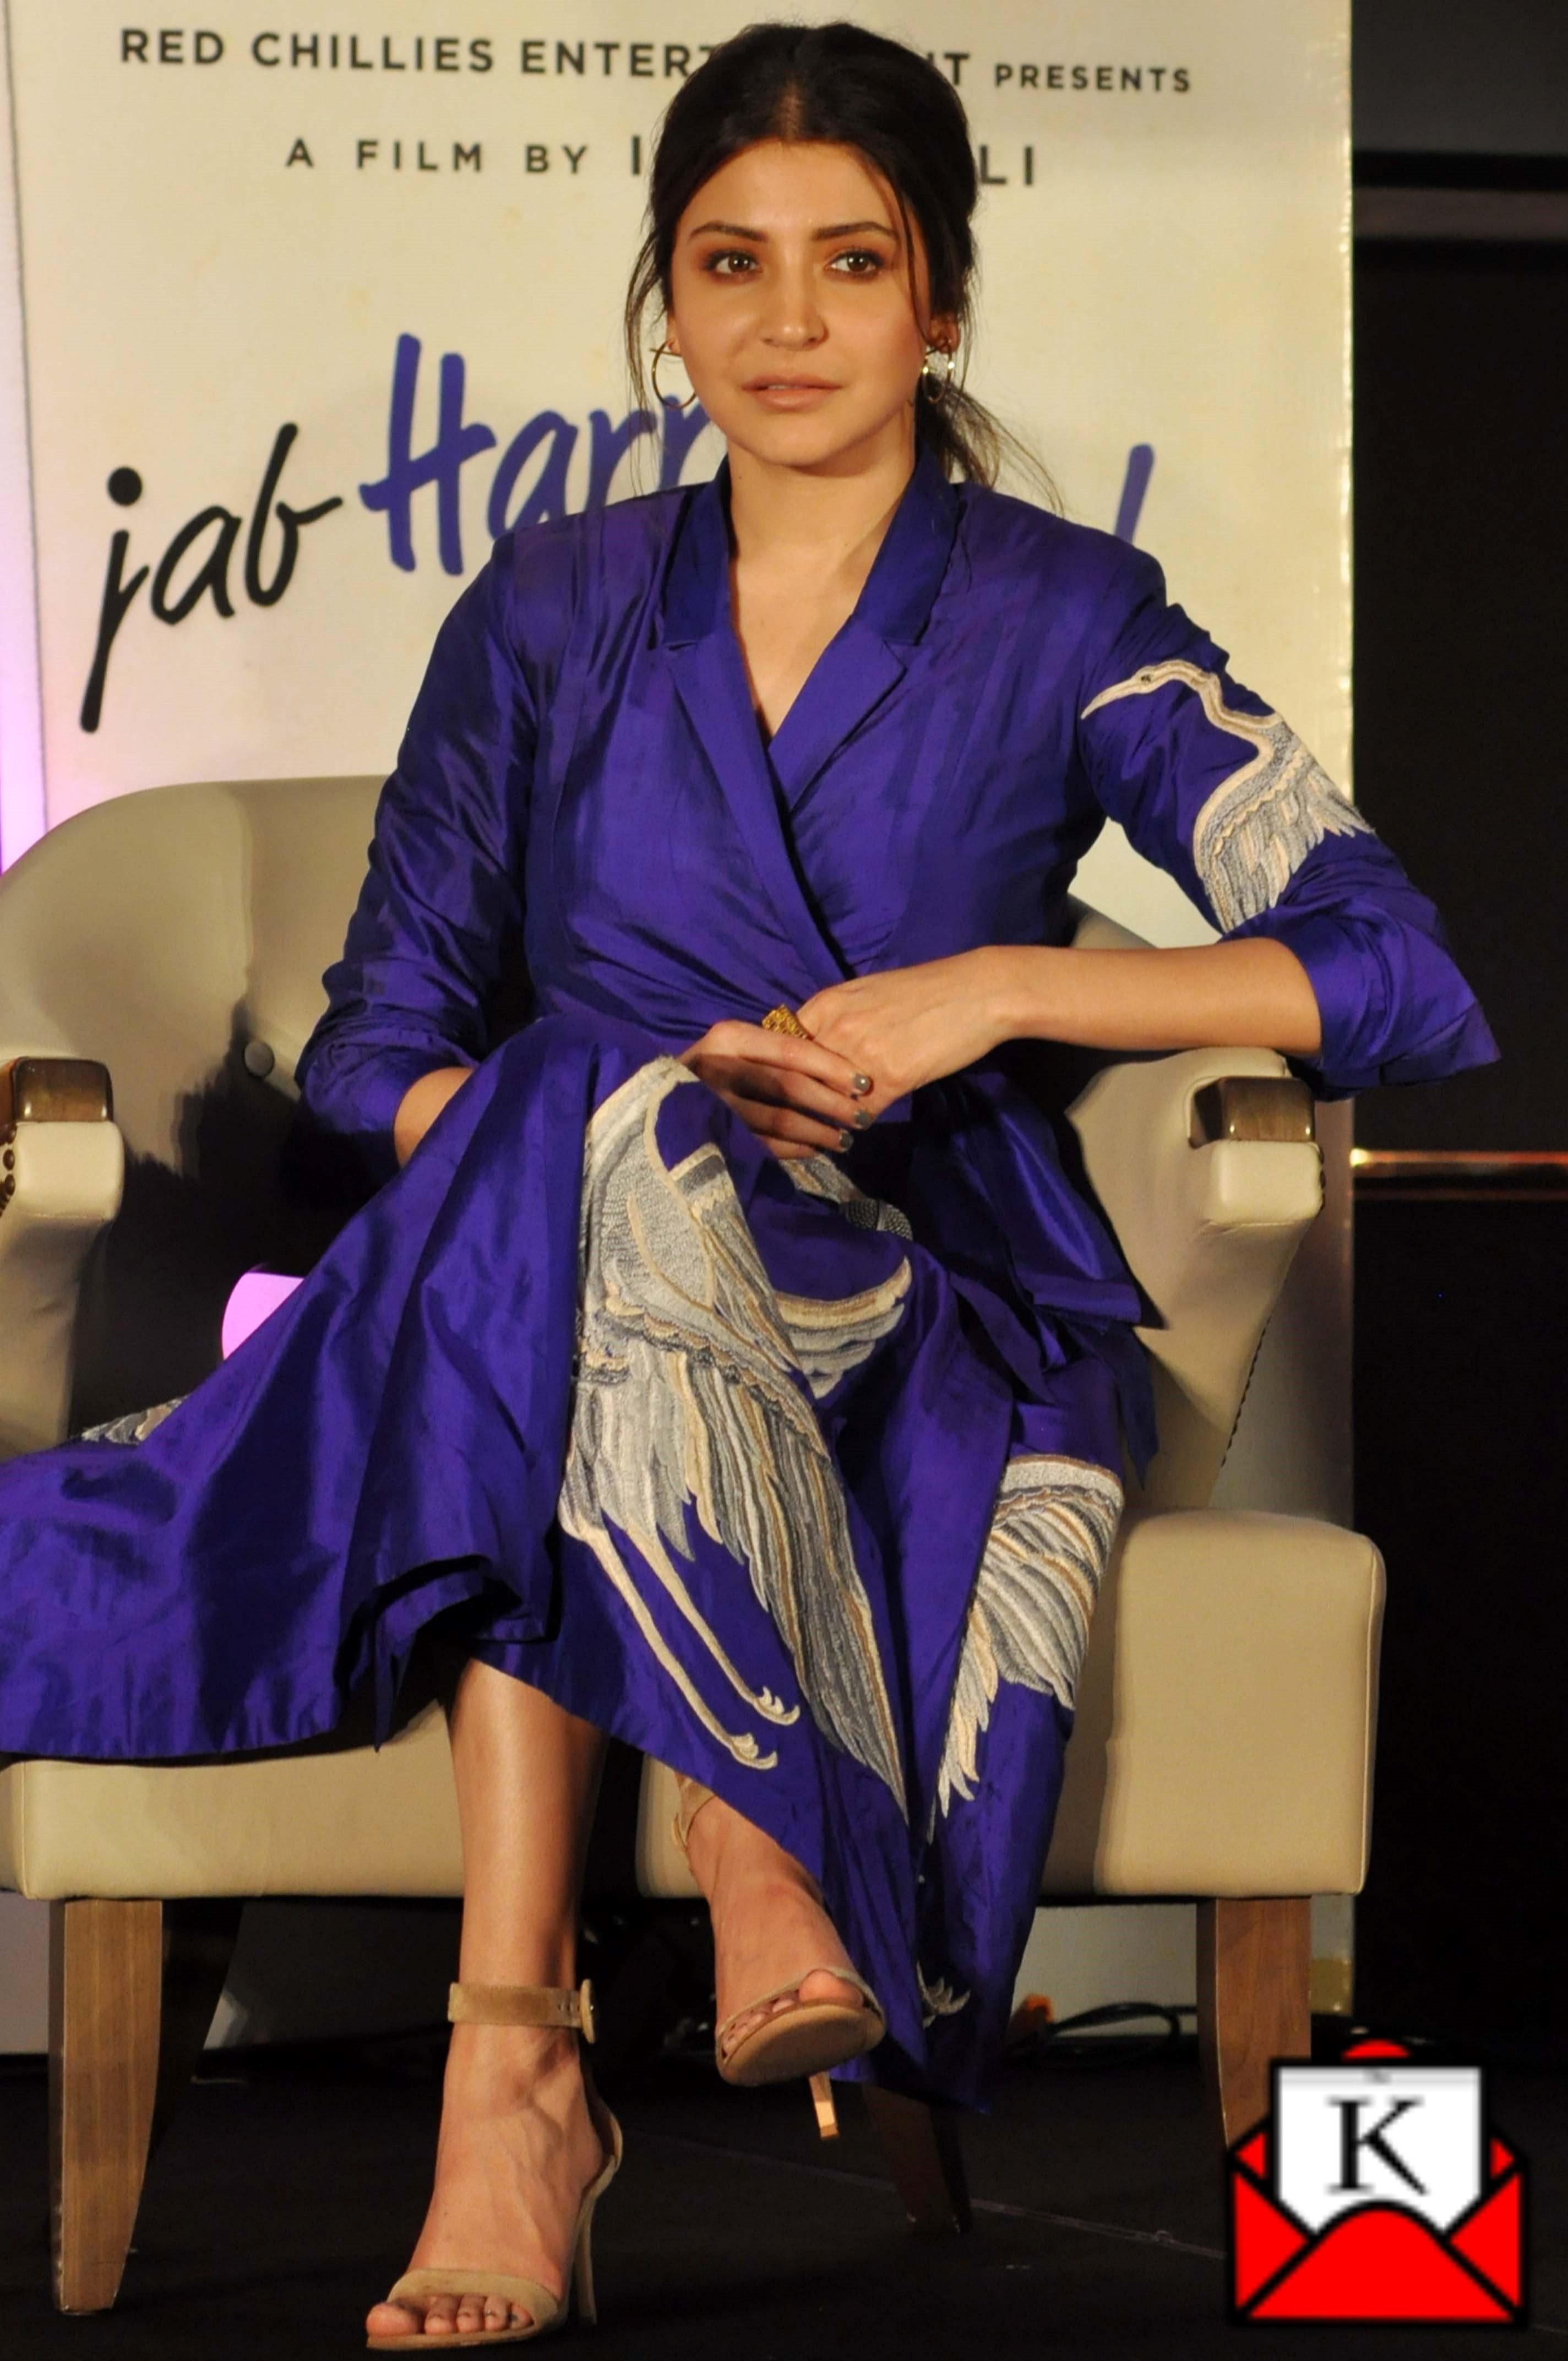 Anushka Sharma to Produce a Cop Drama For Amazon Prime